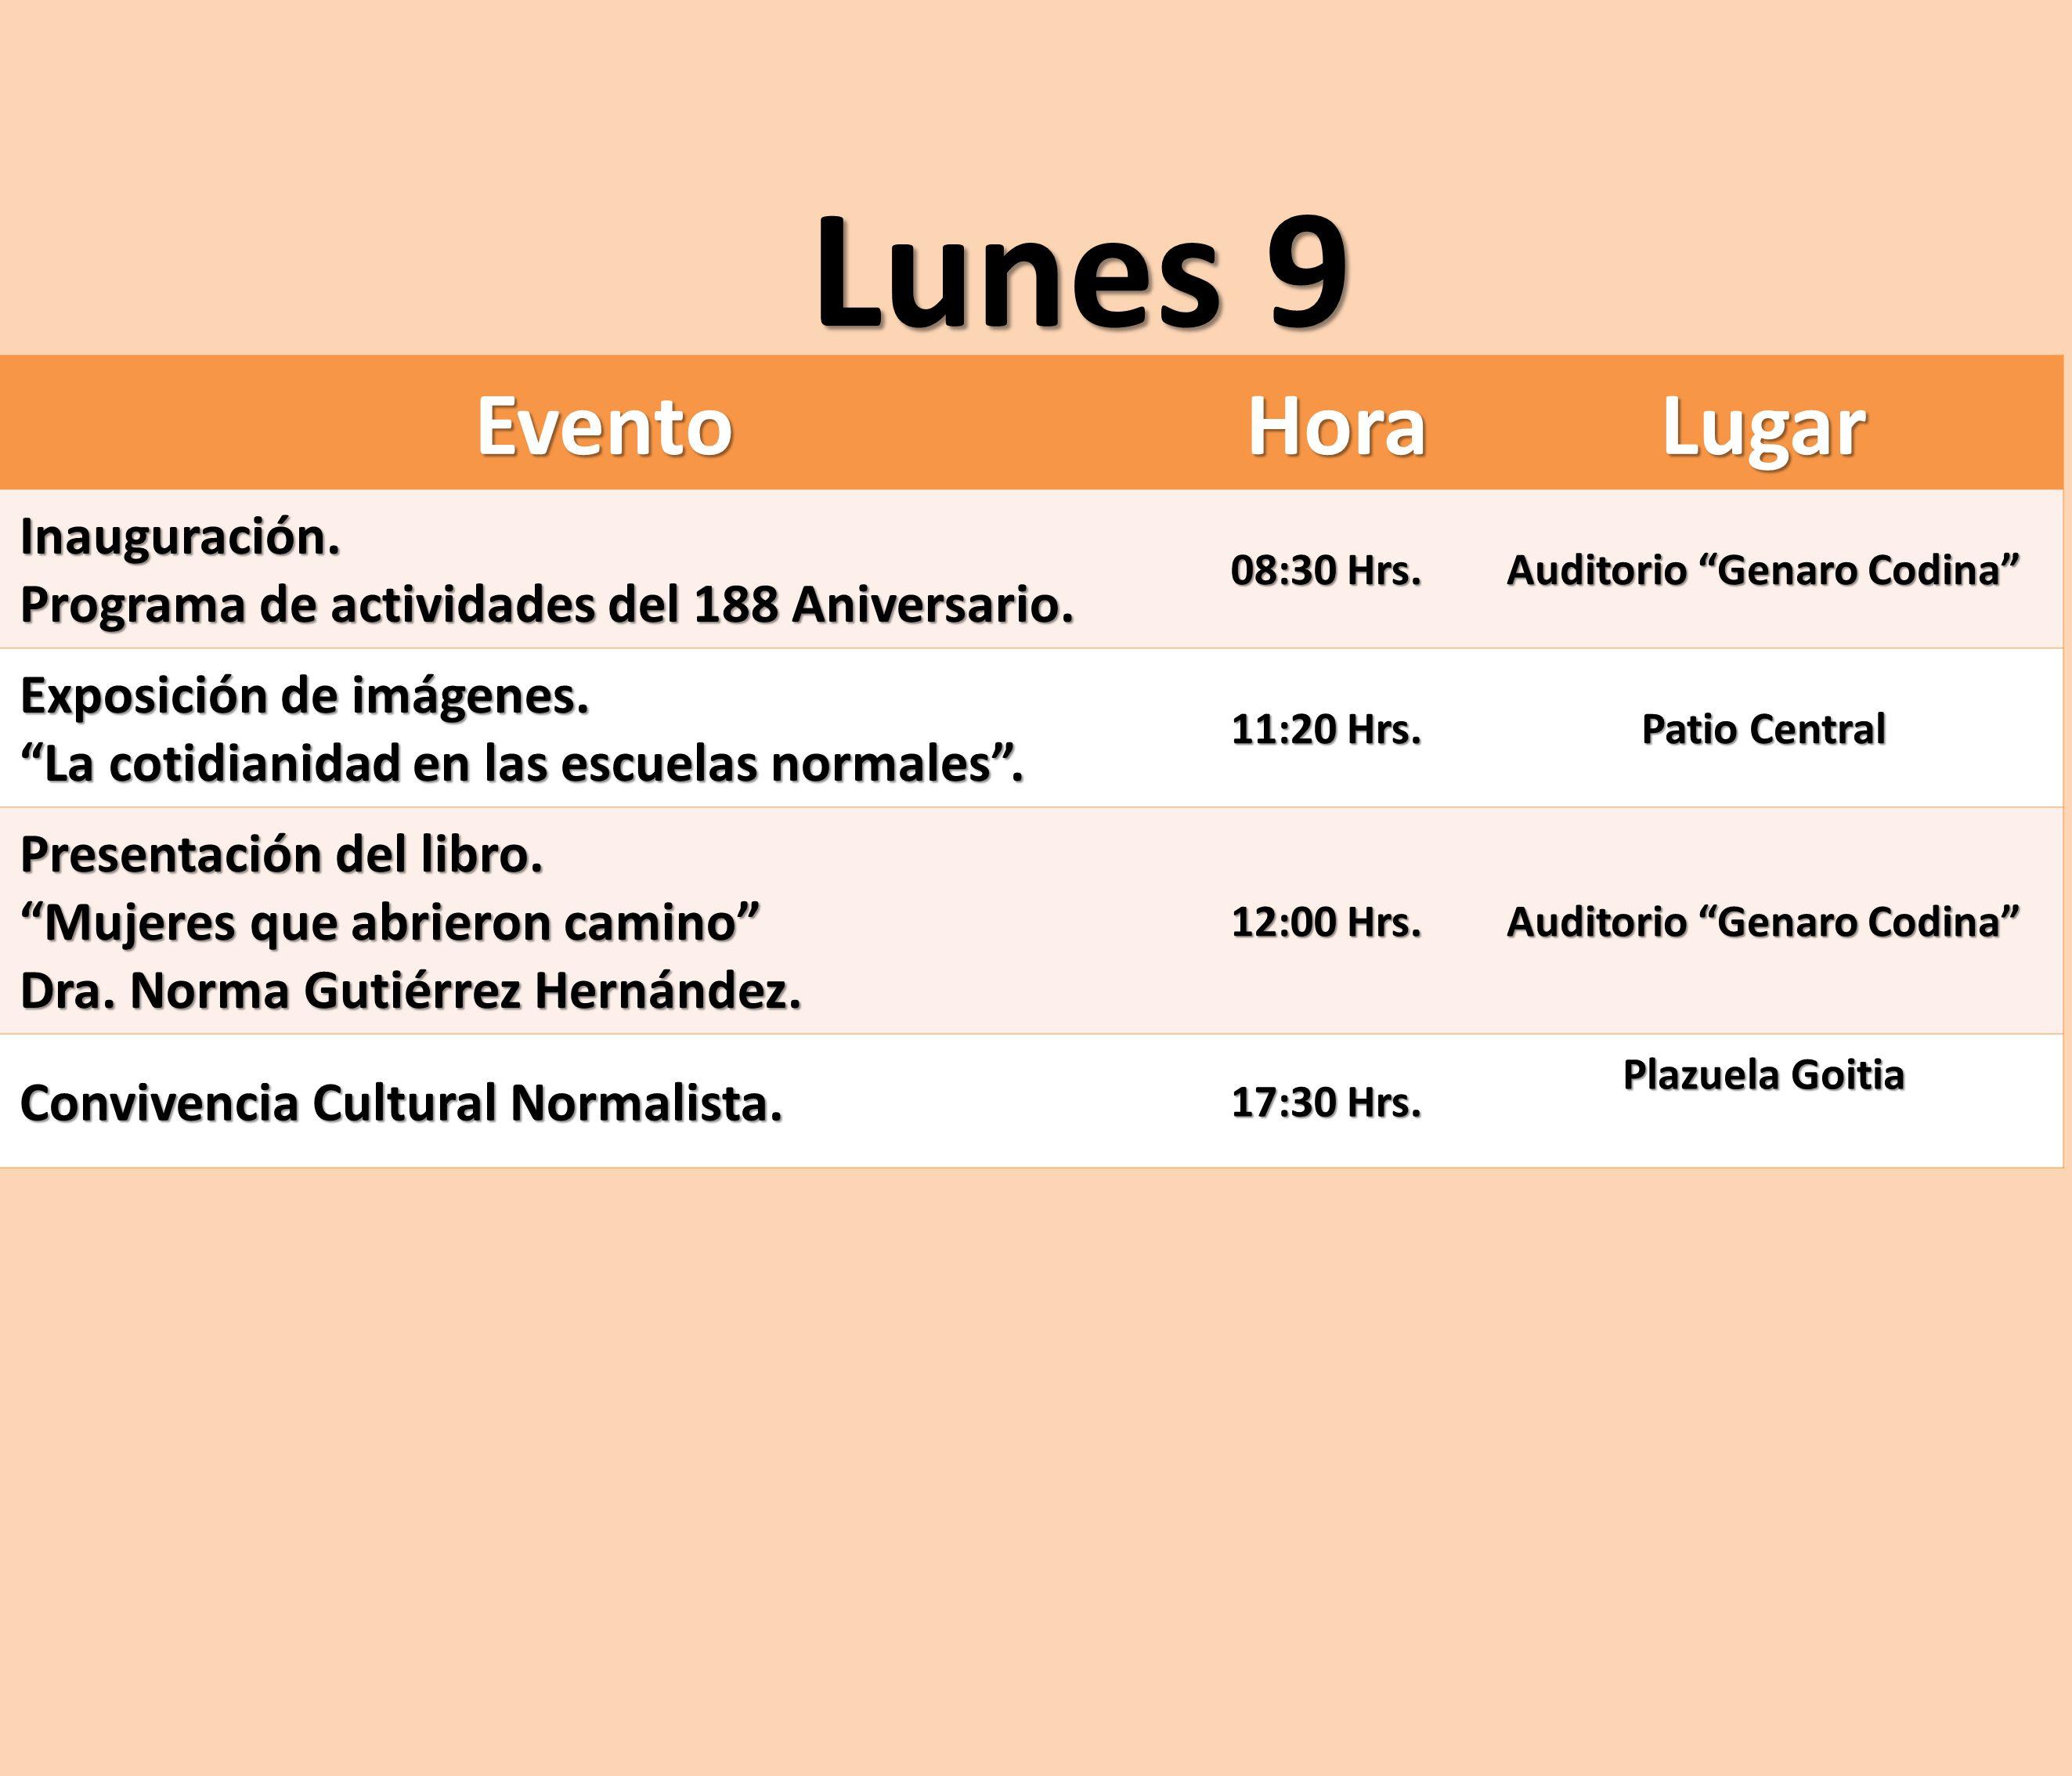 EventoHoraLugar Inauguración. Programa de actividades del 188 Aniversario. 08:30 Hrs. Auditorio Genaro Codina Exposición de imágenes. La cotidianidad